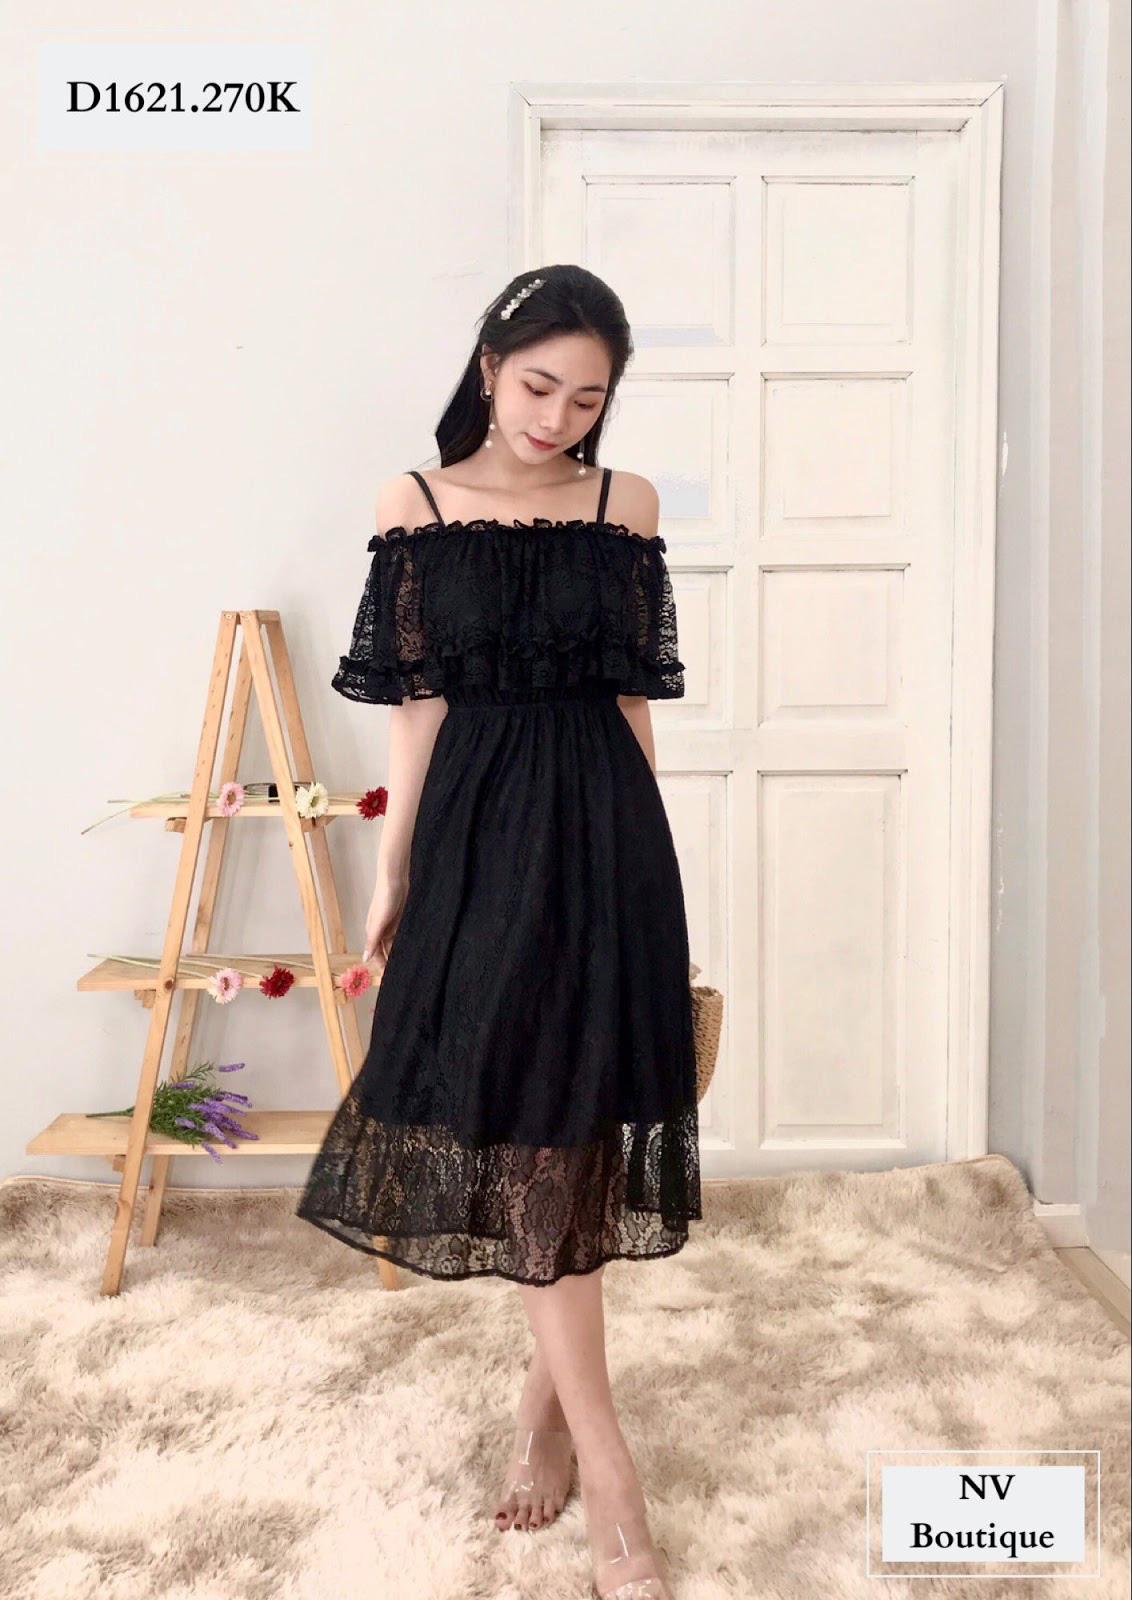 Sắm ngay váy áo ngọt ngào diện thu đông ở Nhật Vy Boutique - Ảnh 4.